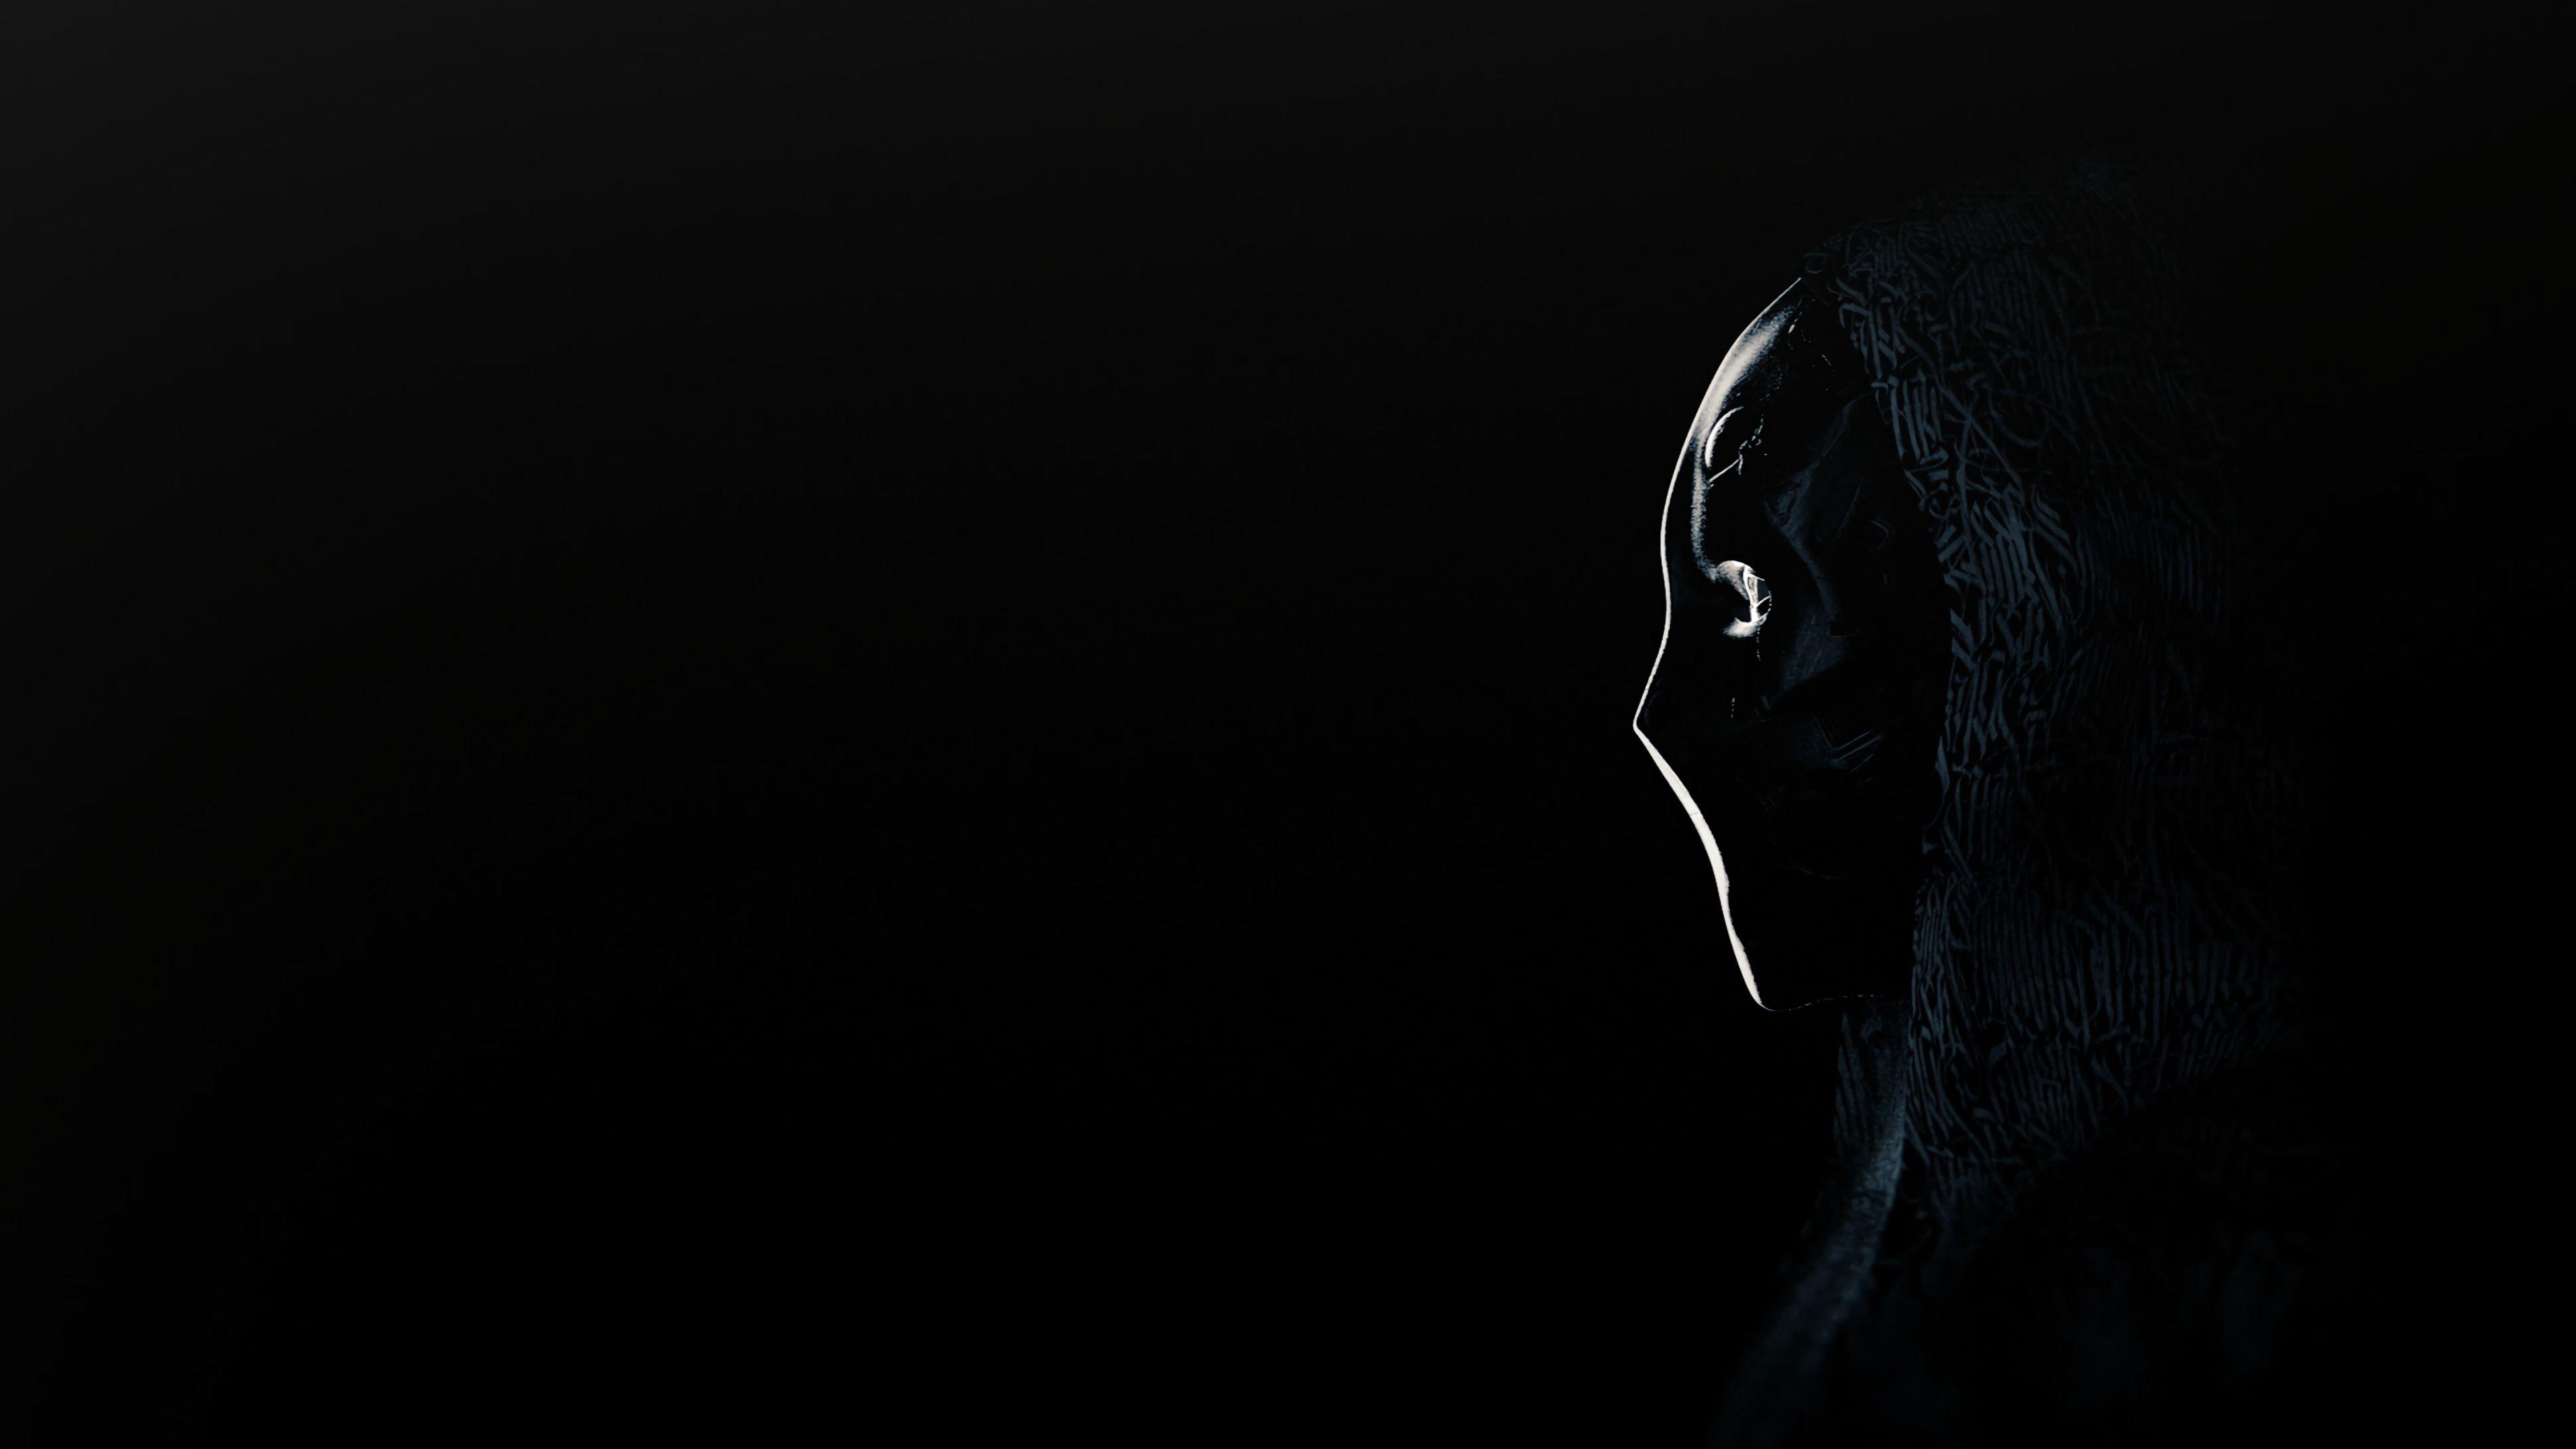 127263 téléchargez gratuitement des fonds d'écran Noir pour votre téléphone, des images Anonyme, Masquer, Masque, Profil, Sombre Noir et des économiseurs d'écran pour votre mobile